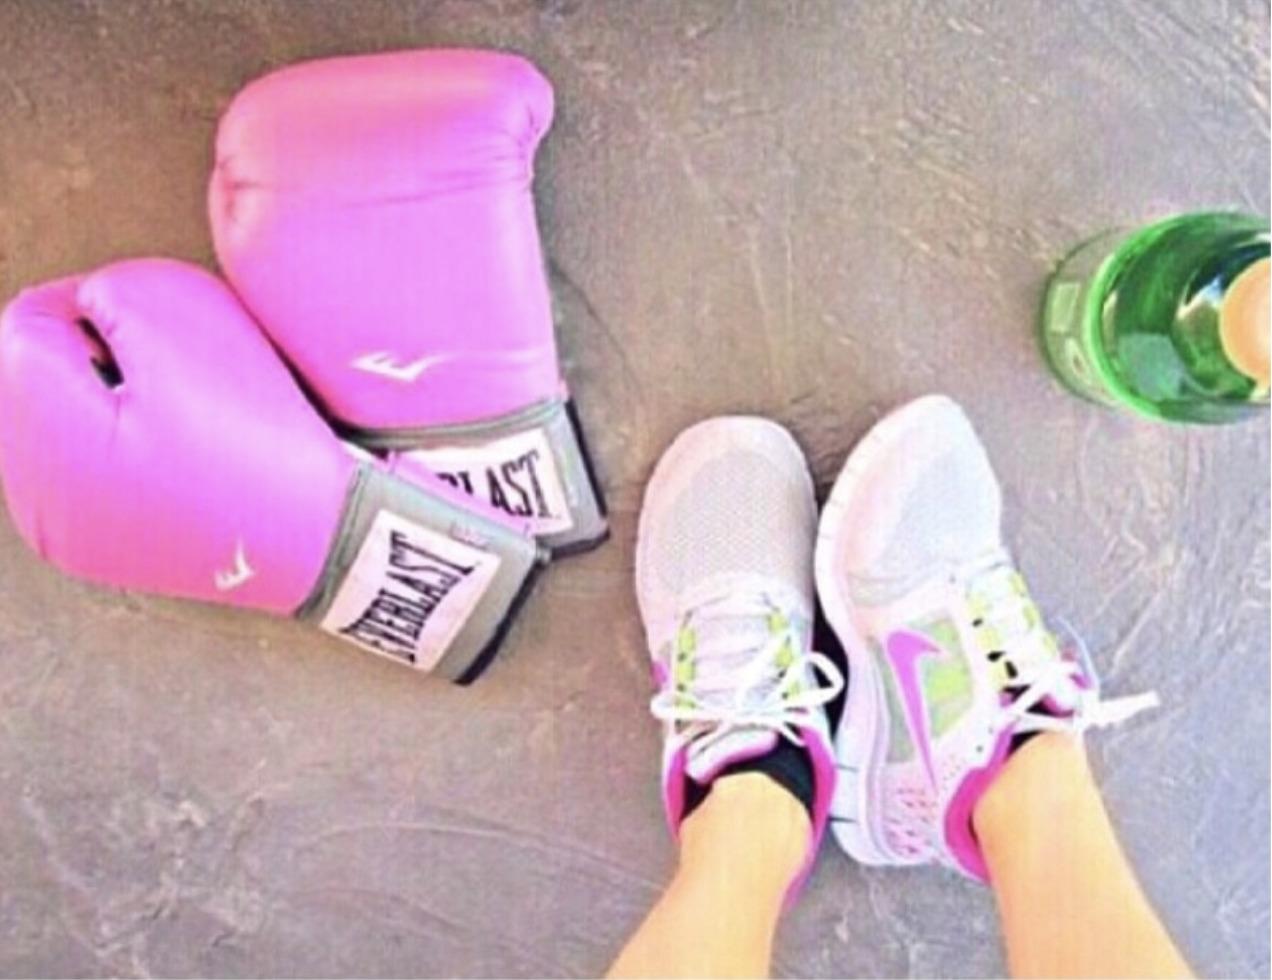 ボクシンググッズの画像